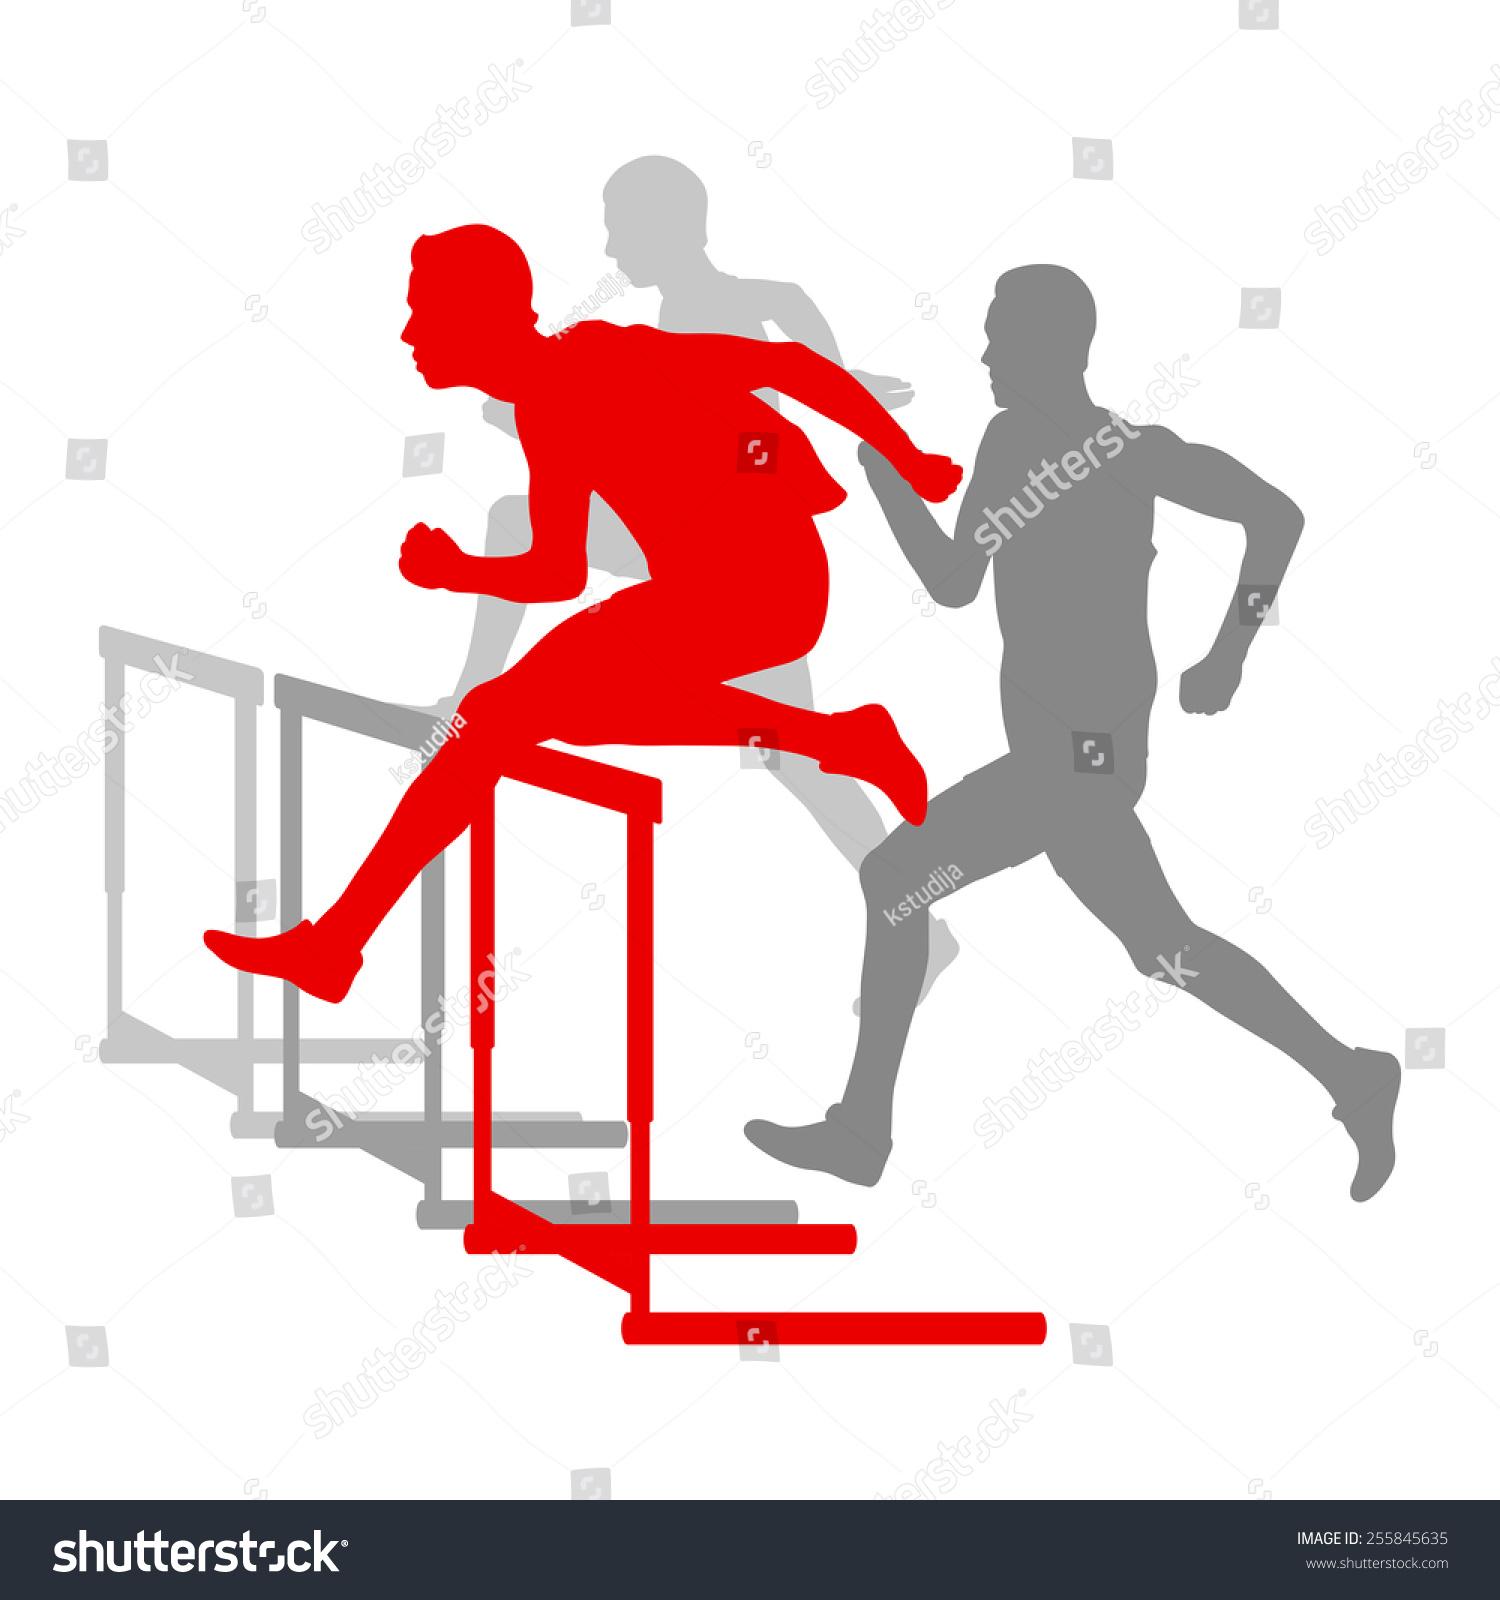 障碍比赛男子障碍运行矢量背景赢家克服困难的概念